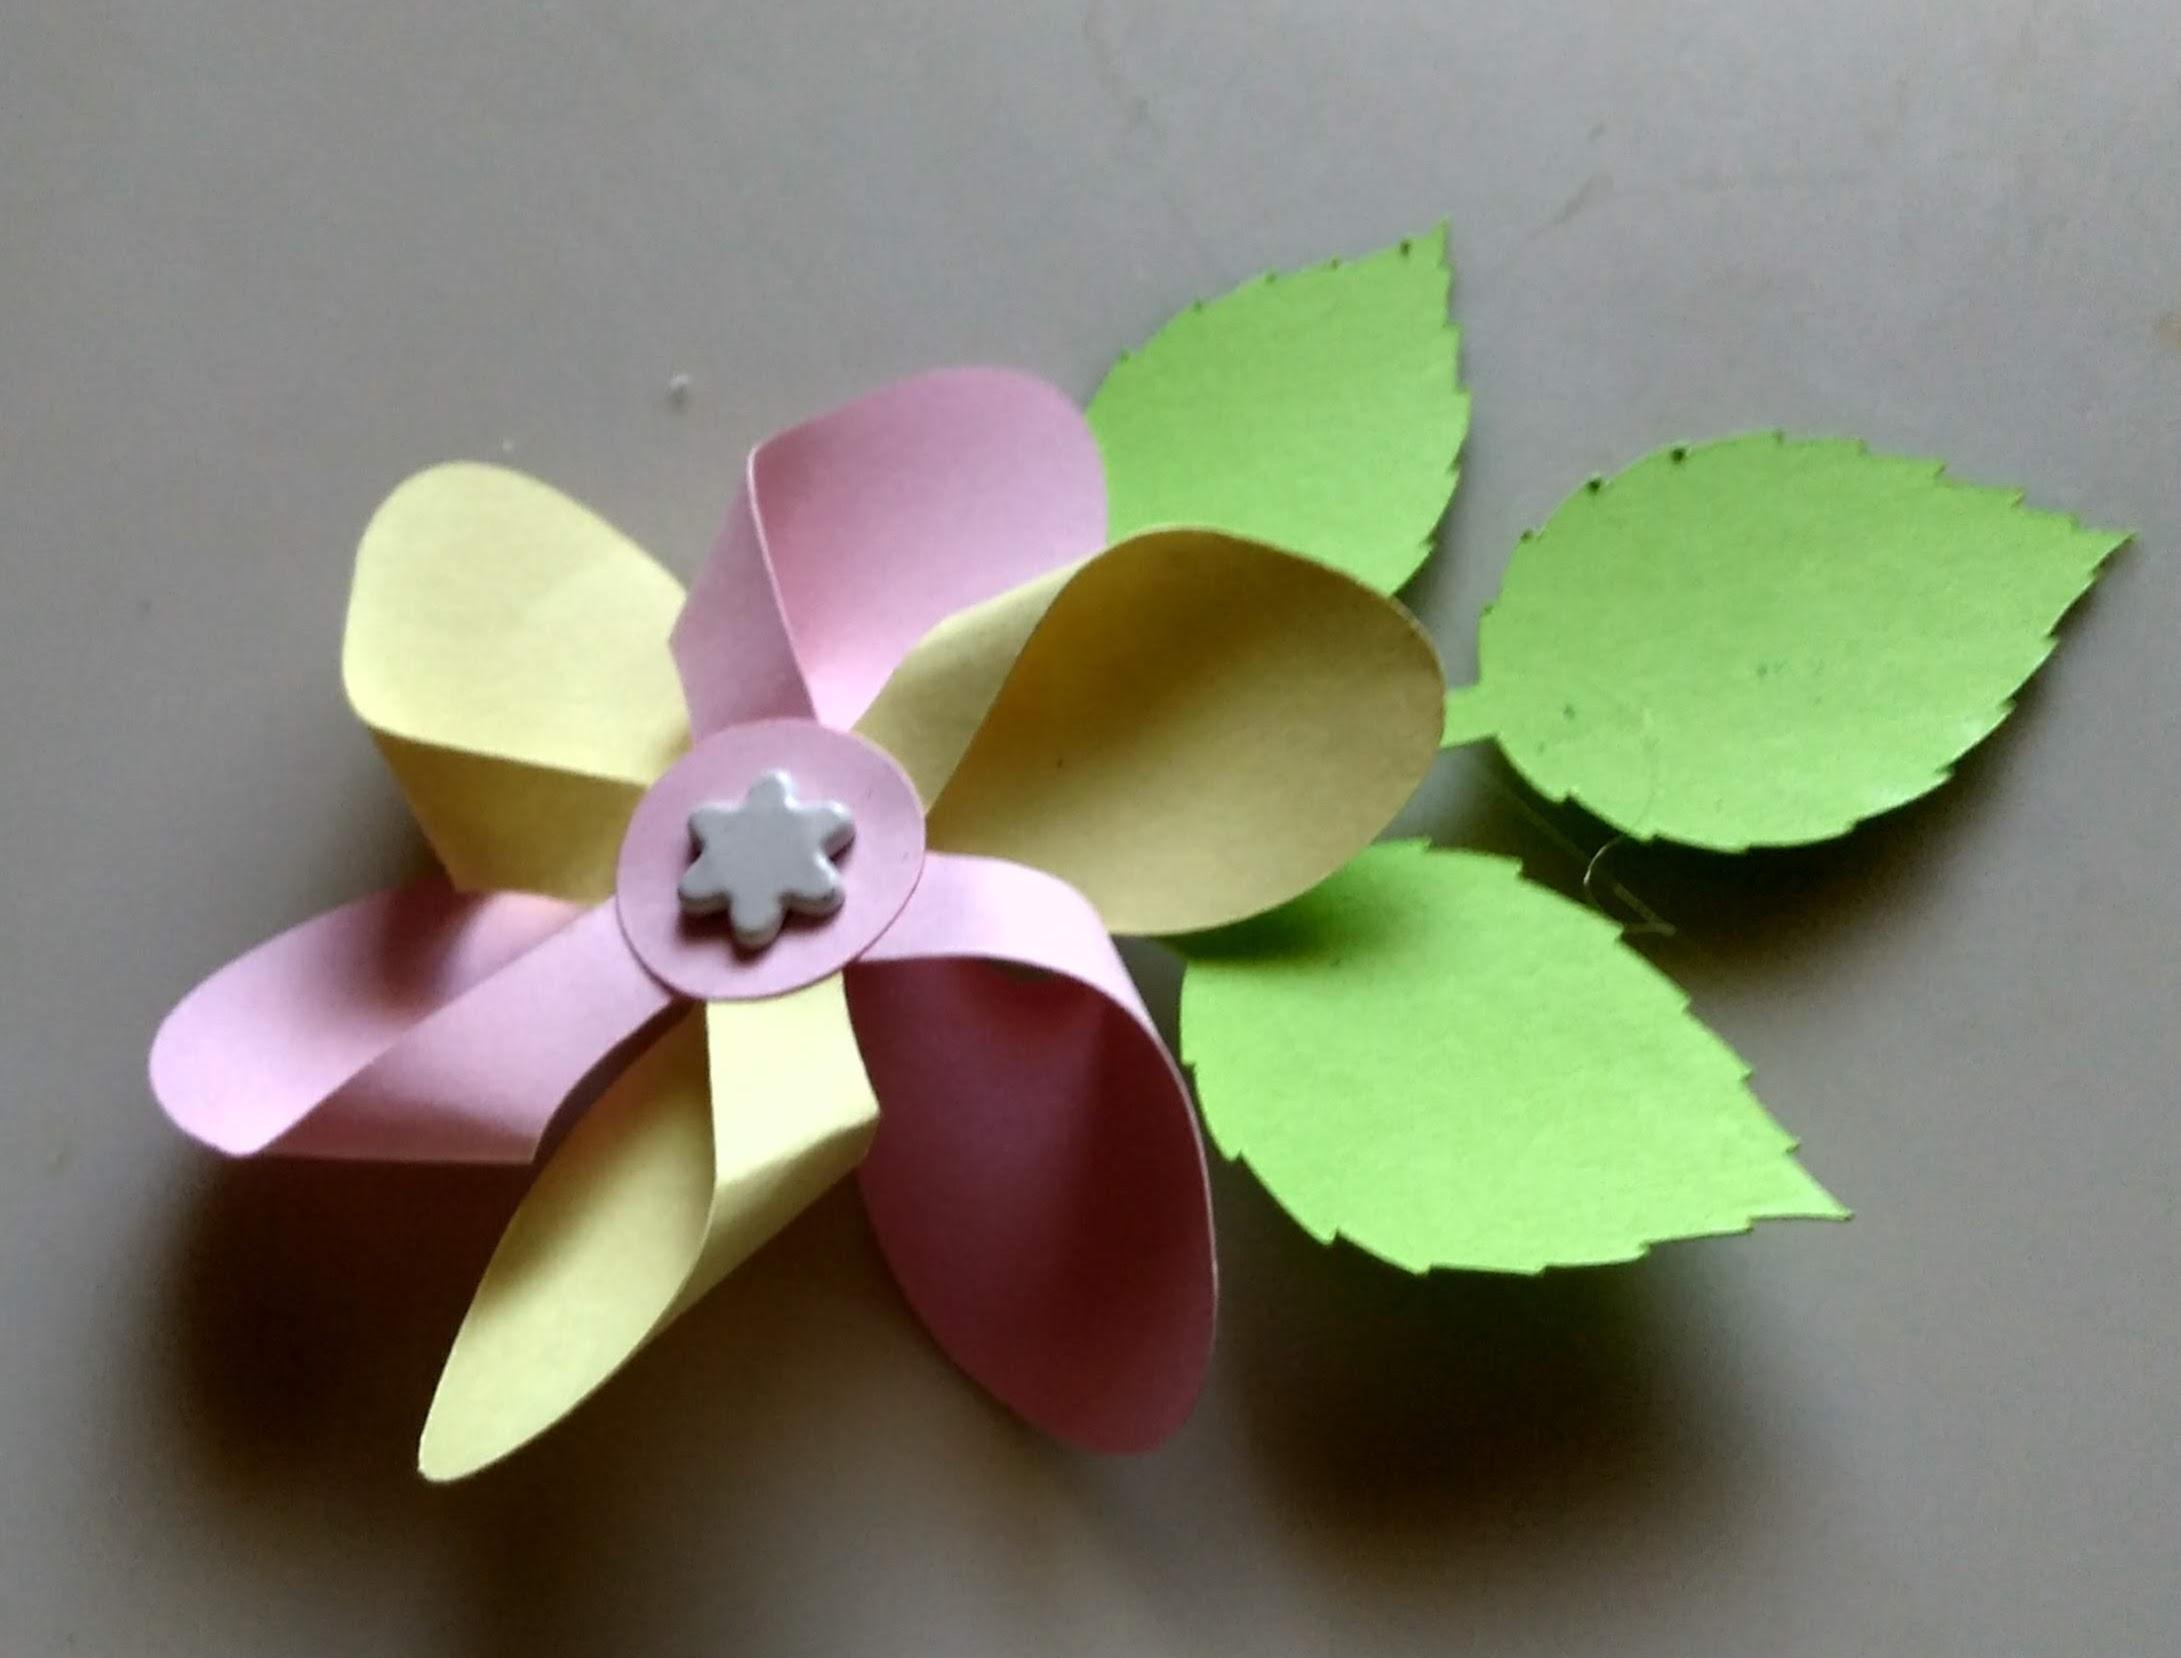 Paper Flowers - the Pinwheel Flower